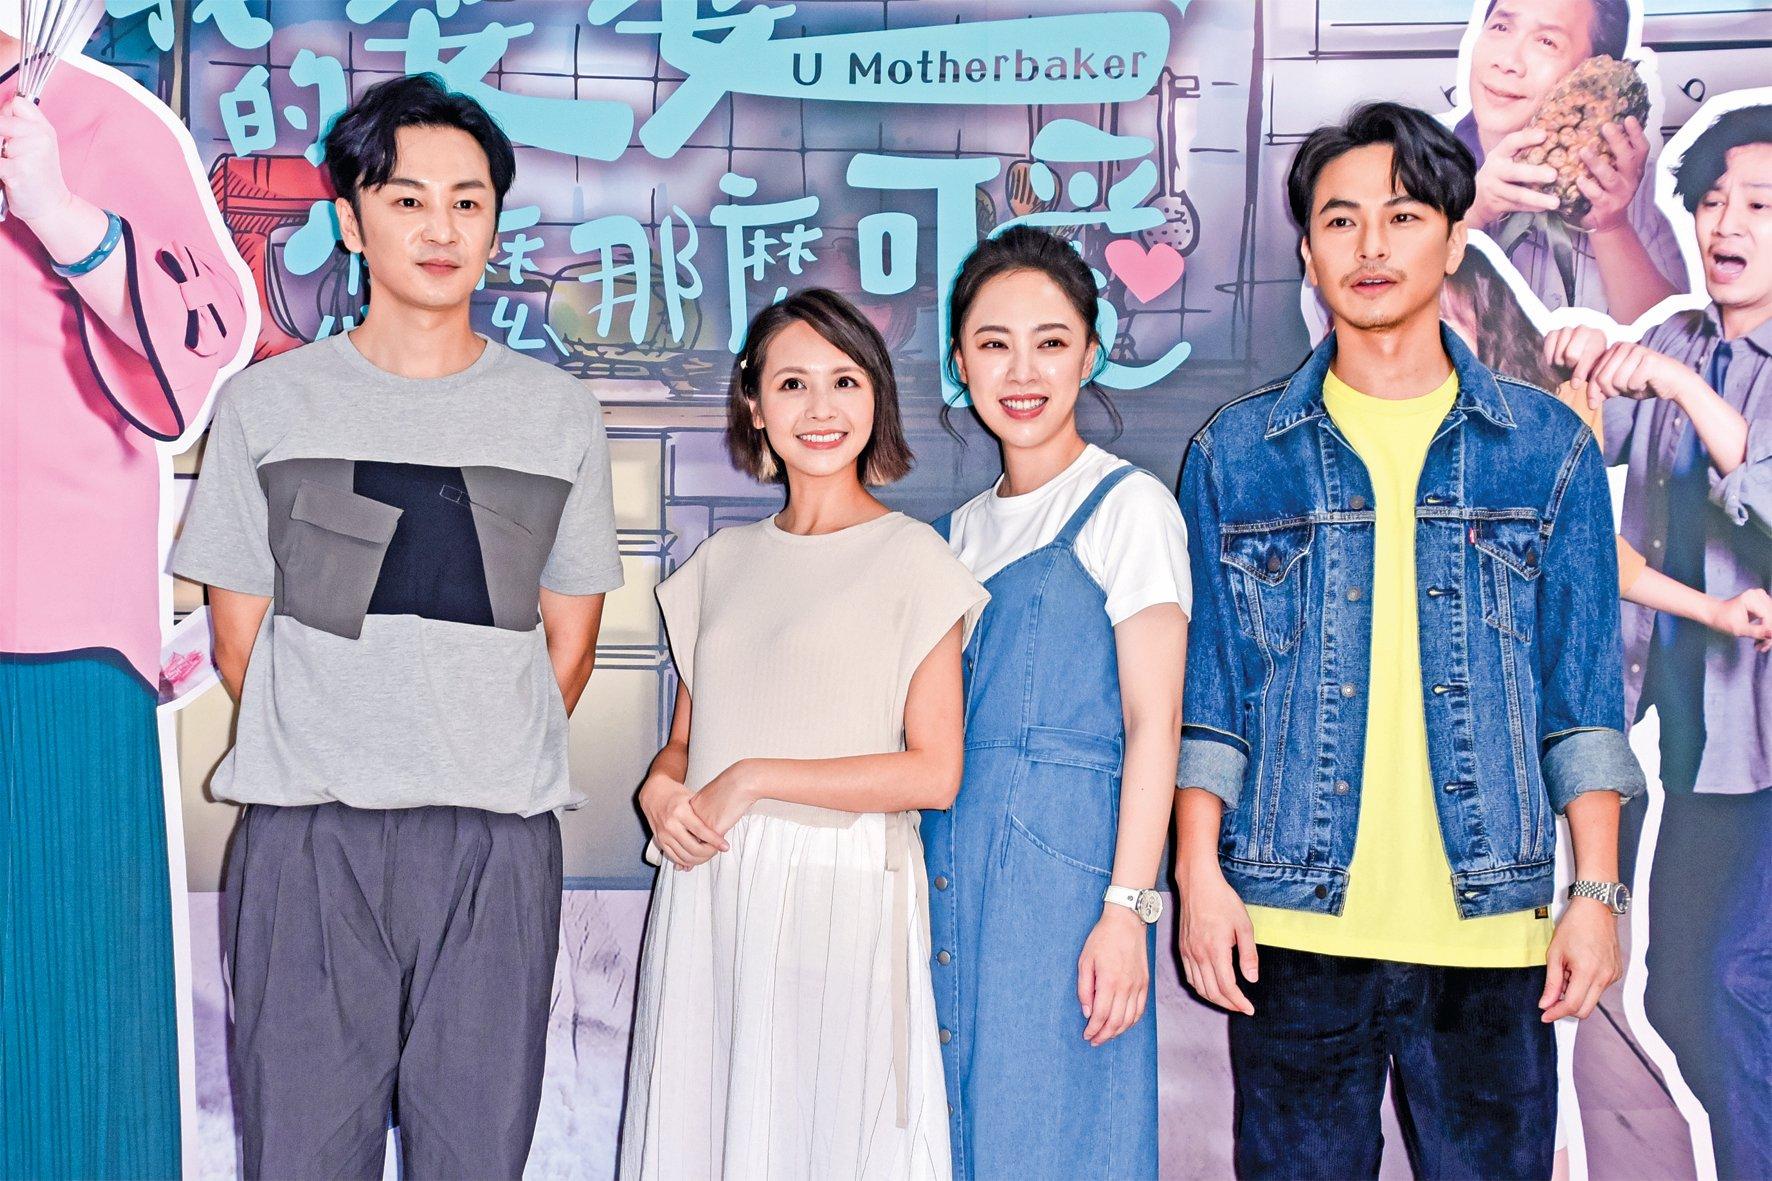 《我的婆婆怎麼那麼可愛》演員張書偉(左起)、黃姵嘉、林筳諭、楊銘威在台北出席家扶中心公益活動。(黃宗茂/大紀元)